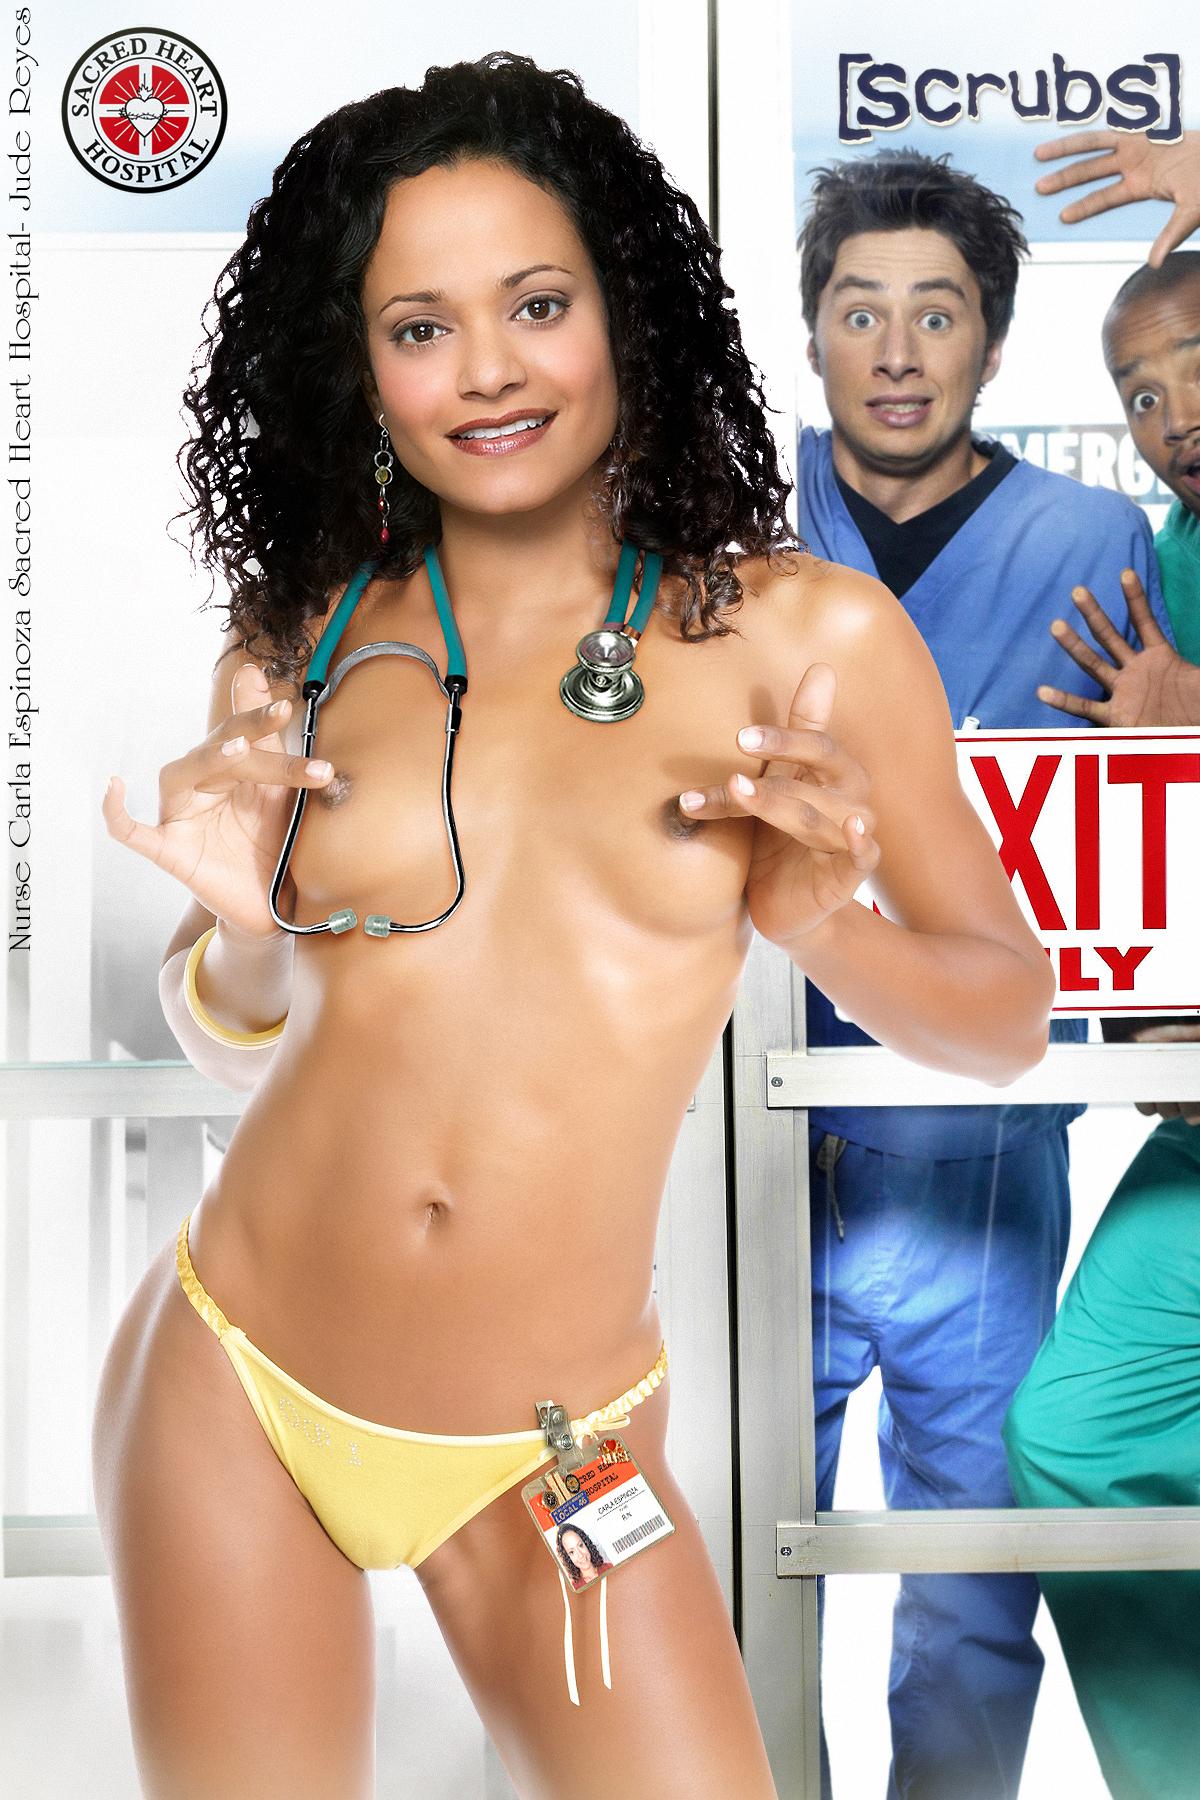 Carla i scrubs naked